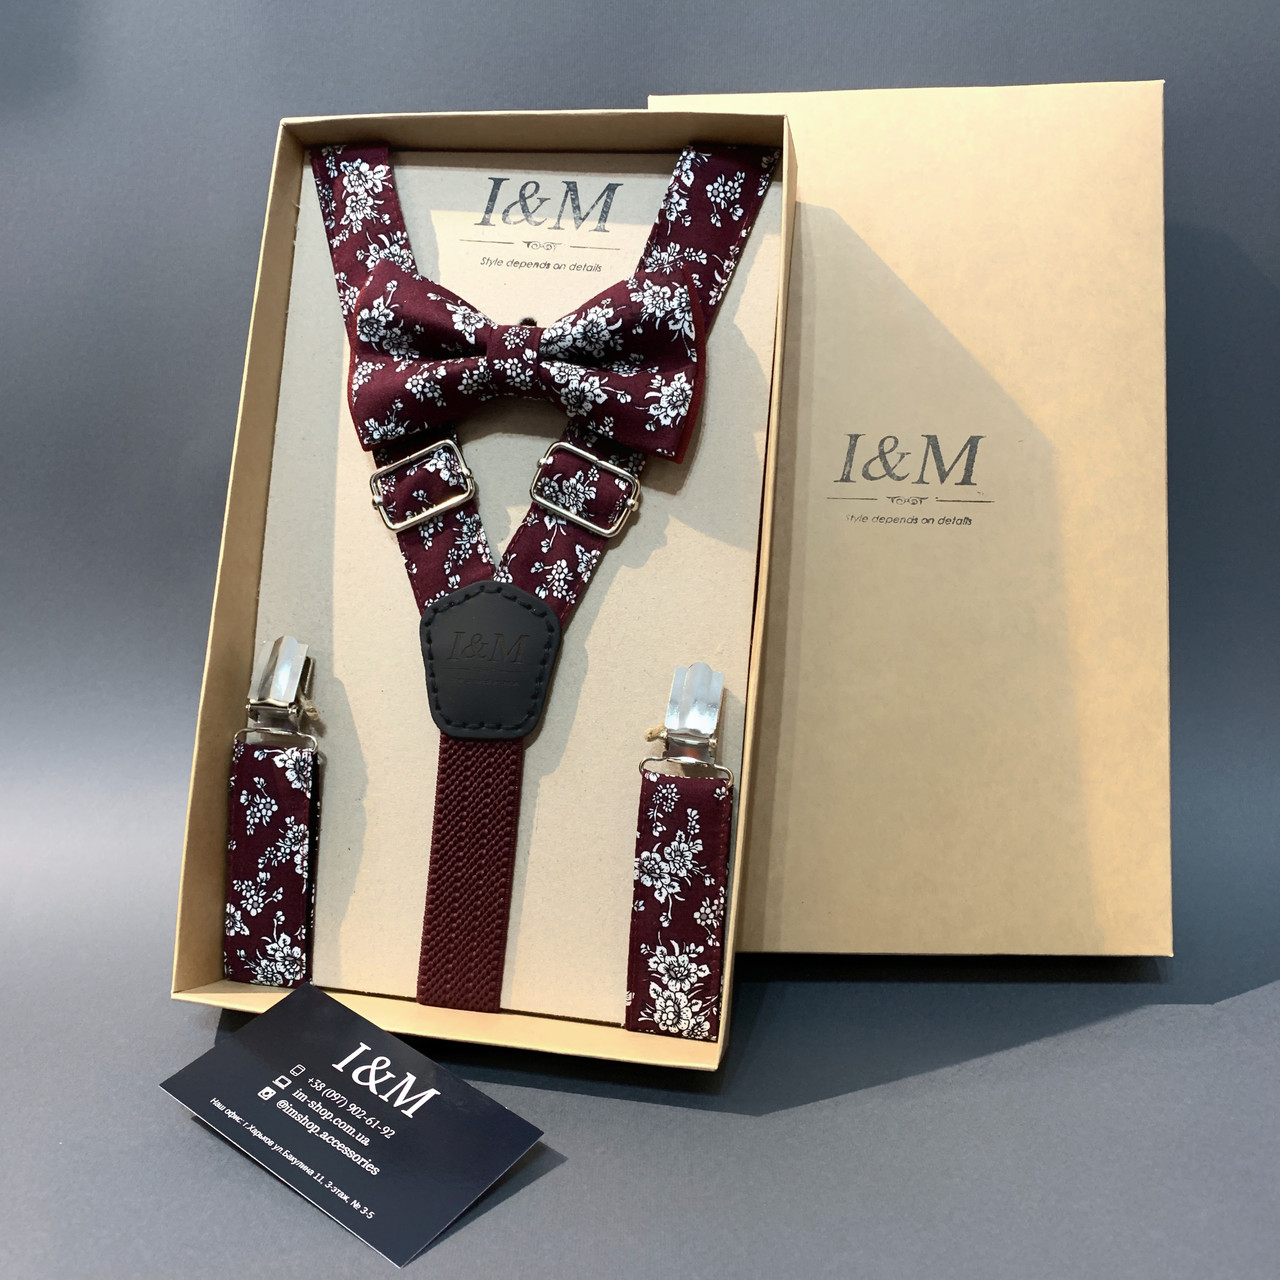 Набор I&M Craft галстук-бабочка и подтяжки для брюк бордовый в белые цветы  (030312)